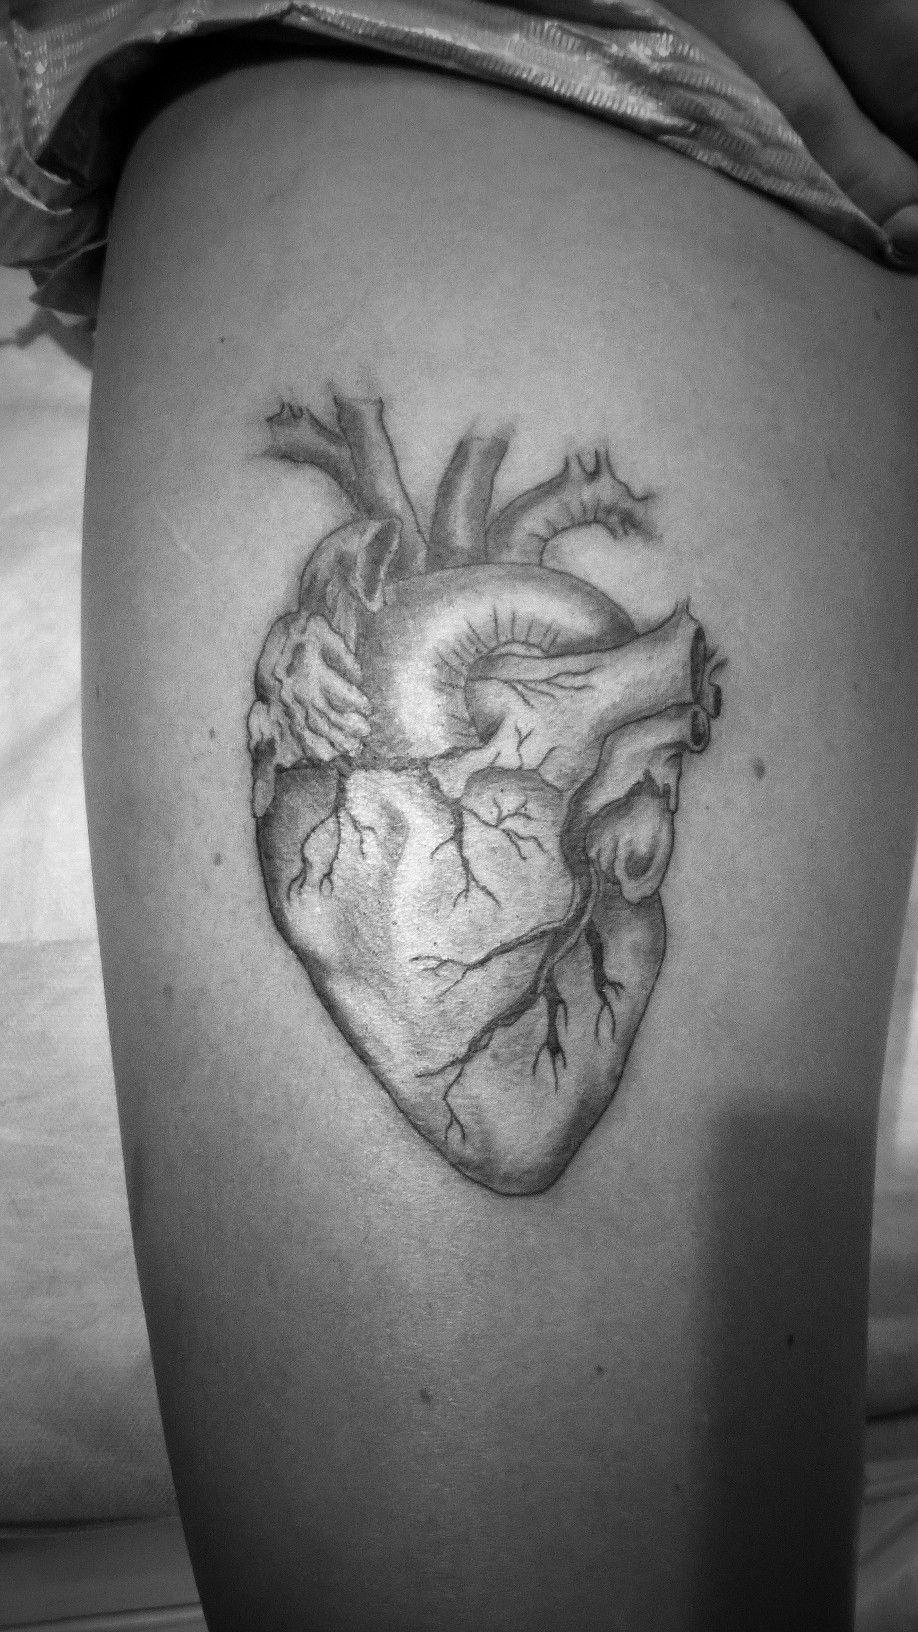 Tatuaż Realistyczne Serce Wykonany W Studiu Time4tattoo